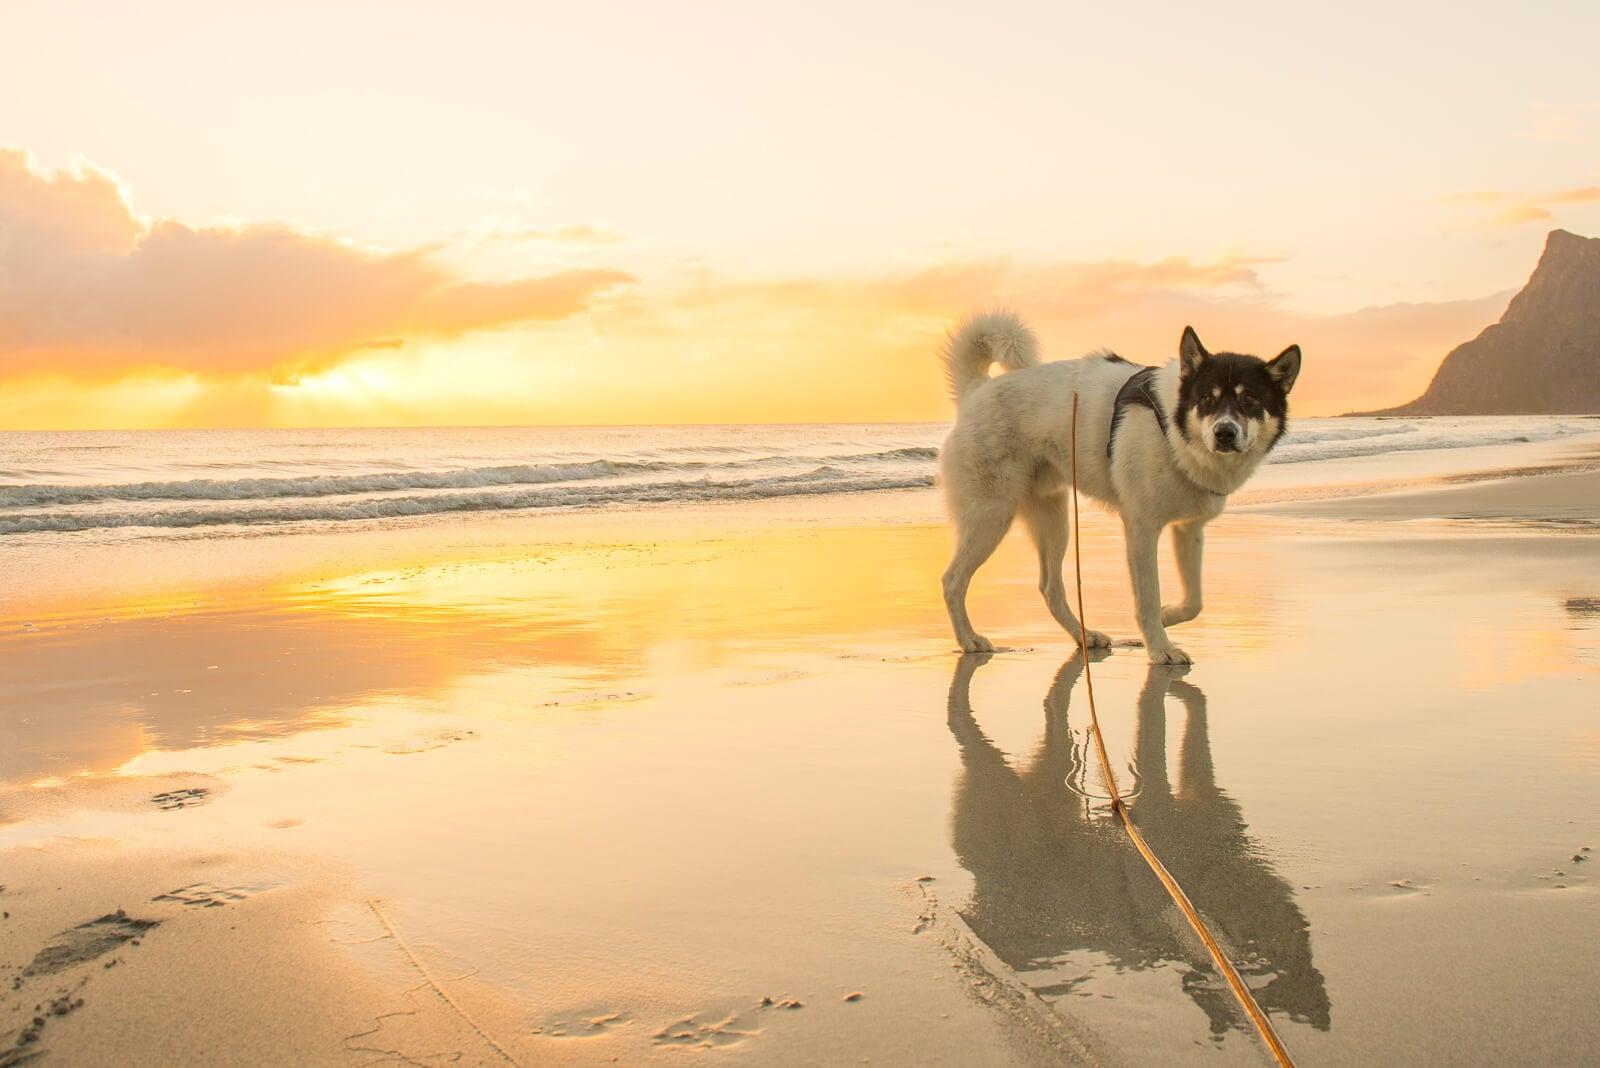 Akiak-the-adventure-dog-freeyork-8